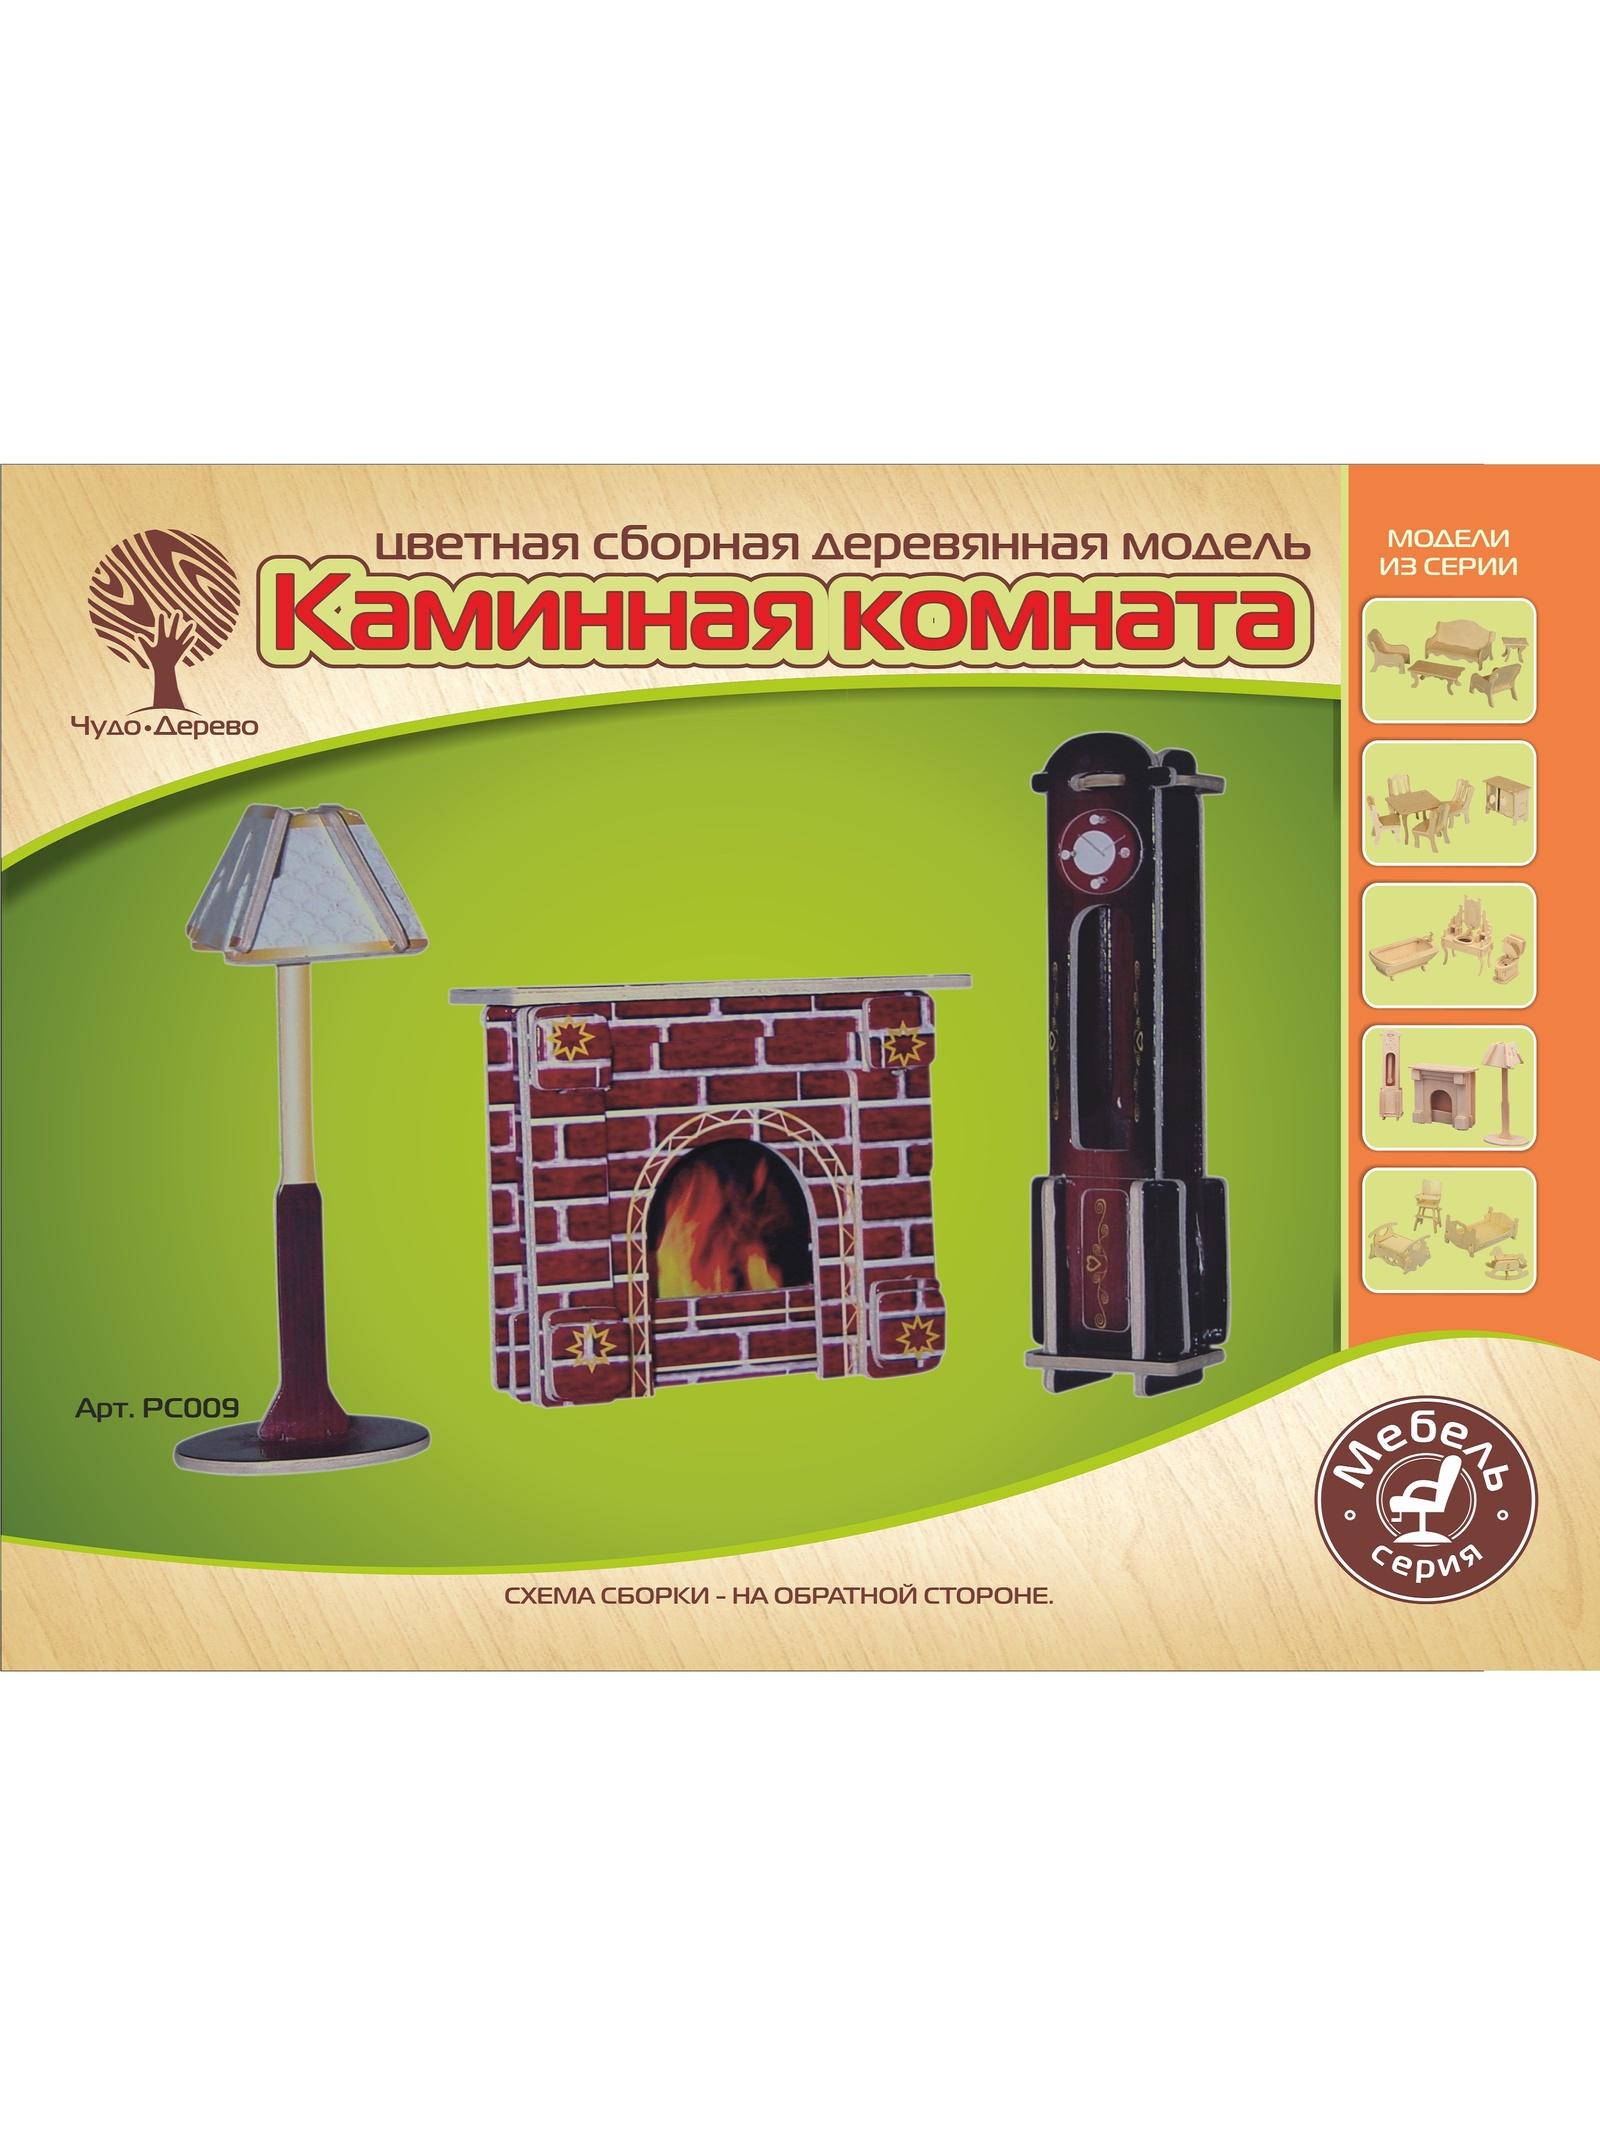 Деревянный конструктор Чудо-дерево Часы, лампа и камин PC009